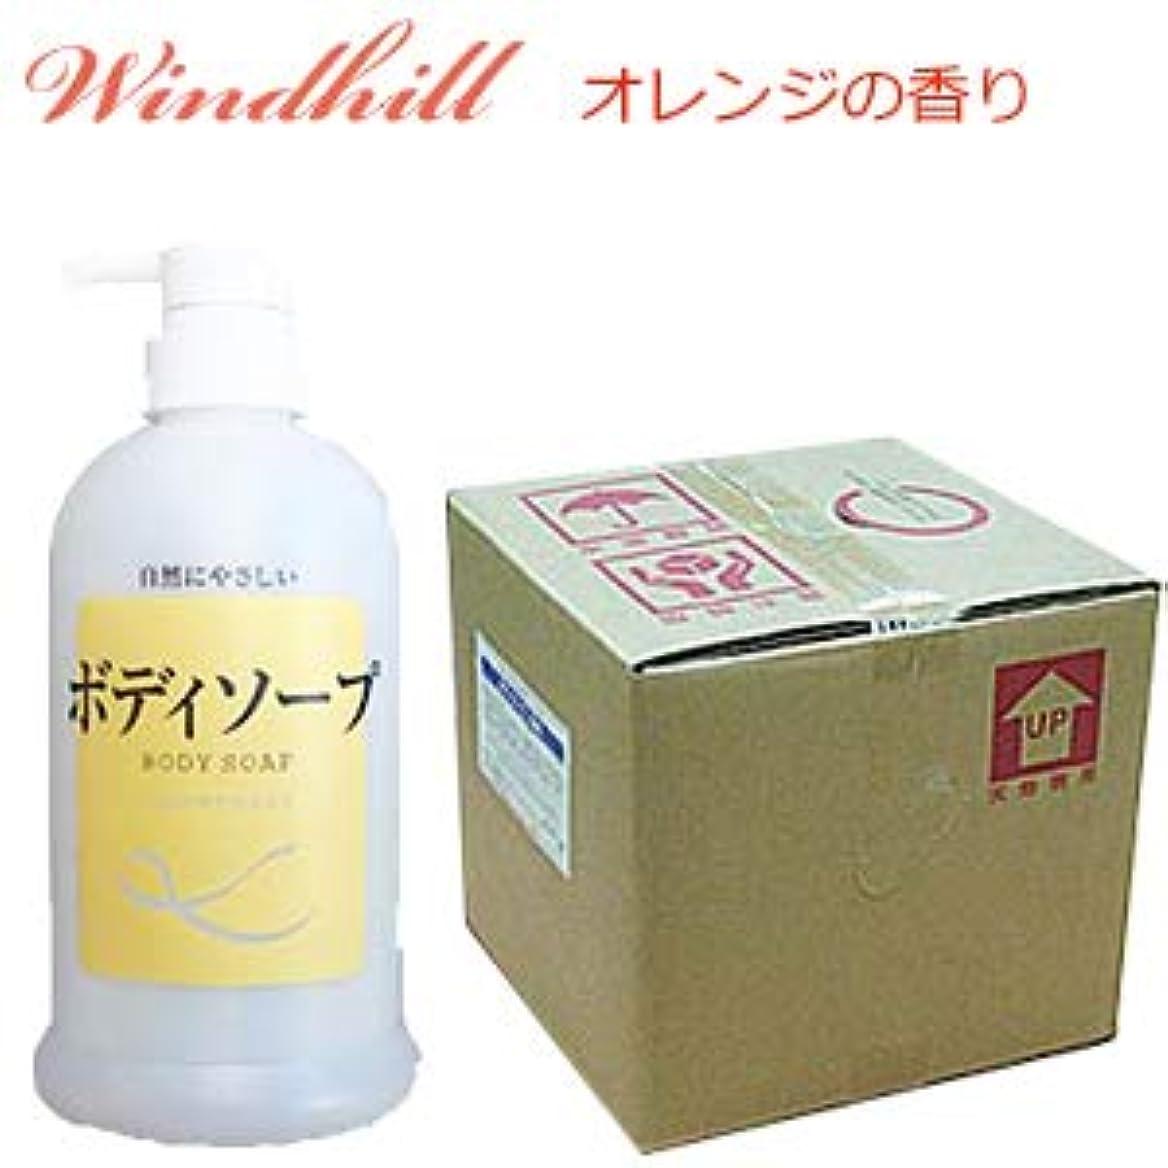 宣言拳国家Windhill 植物性 業務用ボディソープオレンジの香り 20L(1セット20L入)